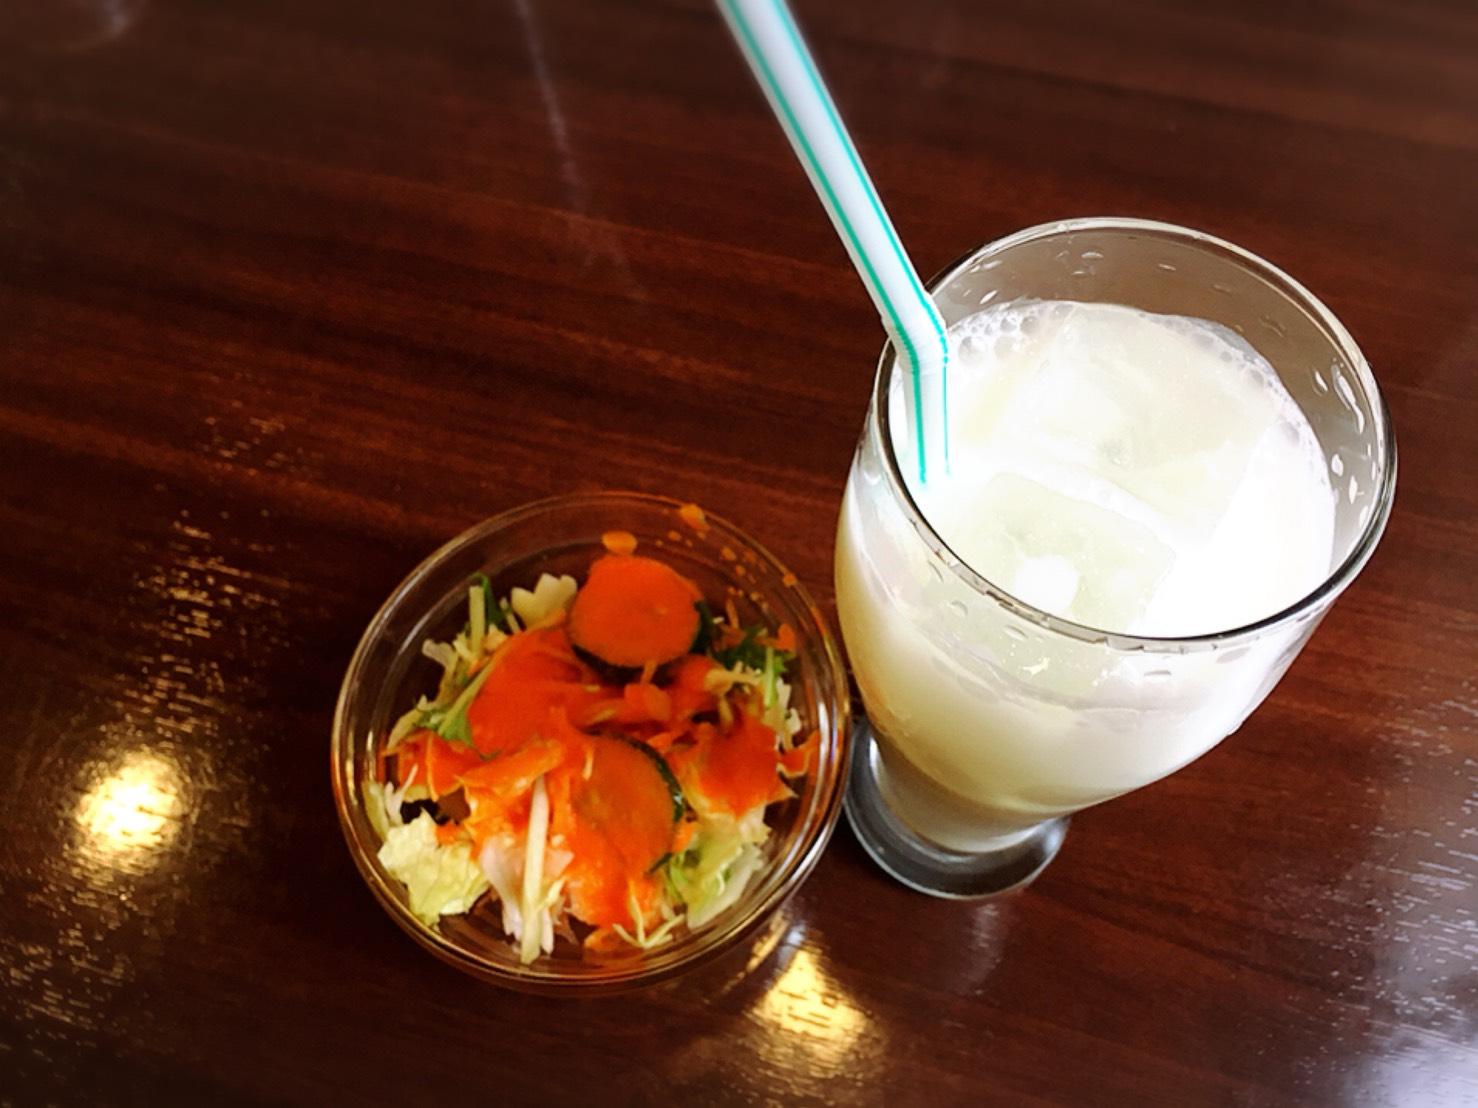 【大塚駅】インドカレー人気店「リトルムンバイ」インスタでお得のサラダとラッシー